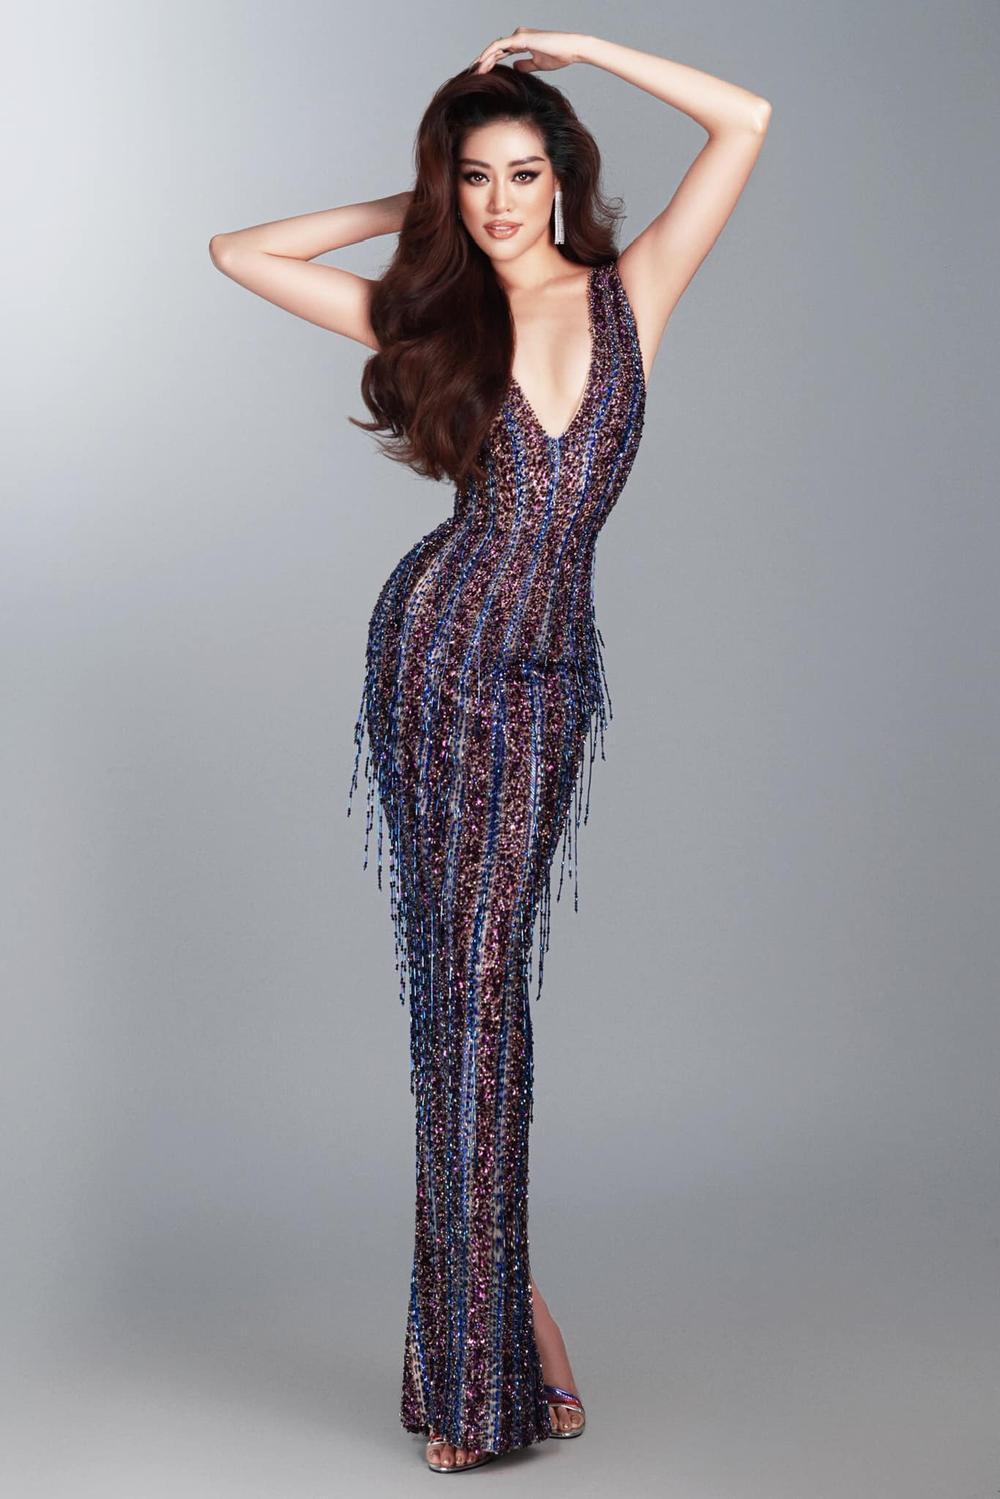 8 chủ đề hùng biện cực gắt cho Top 5 Miss Universe: Khánh Vân đã sẵn sàng lan tỏa trái tim yêu thương? Ảnh 14